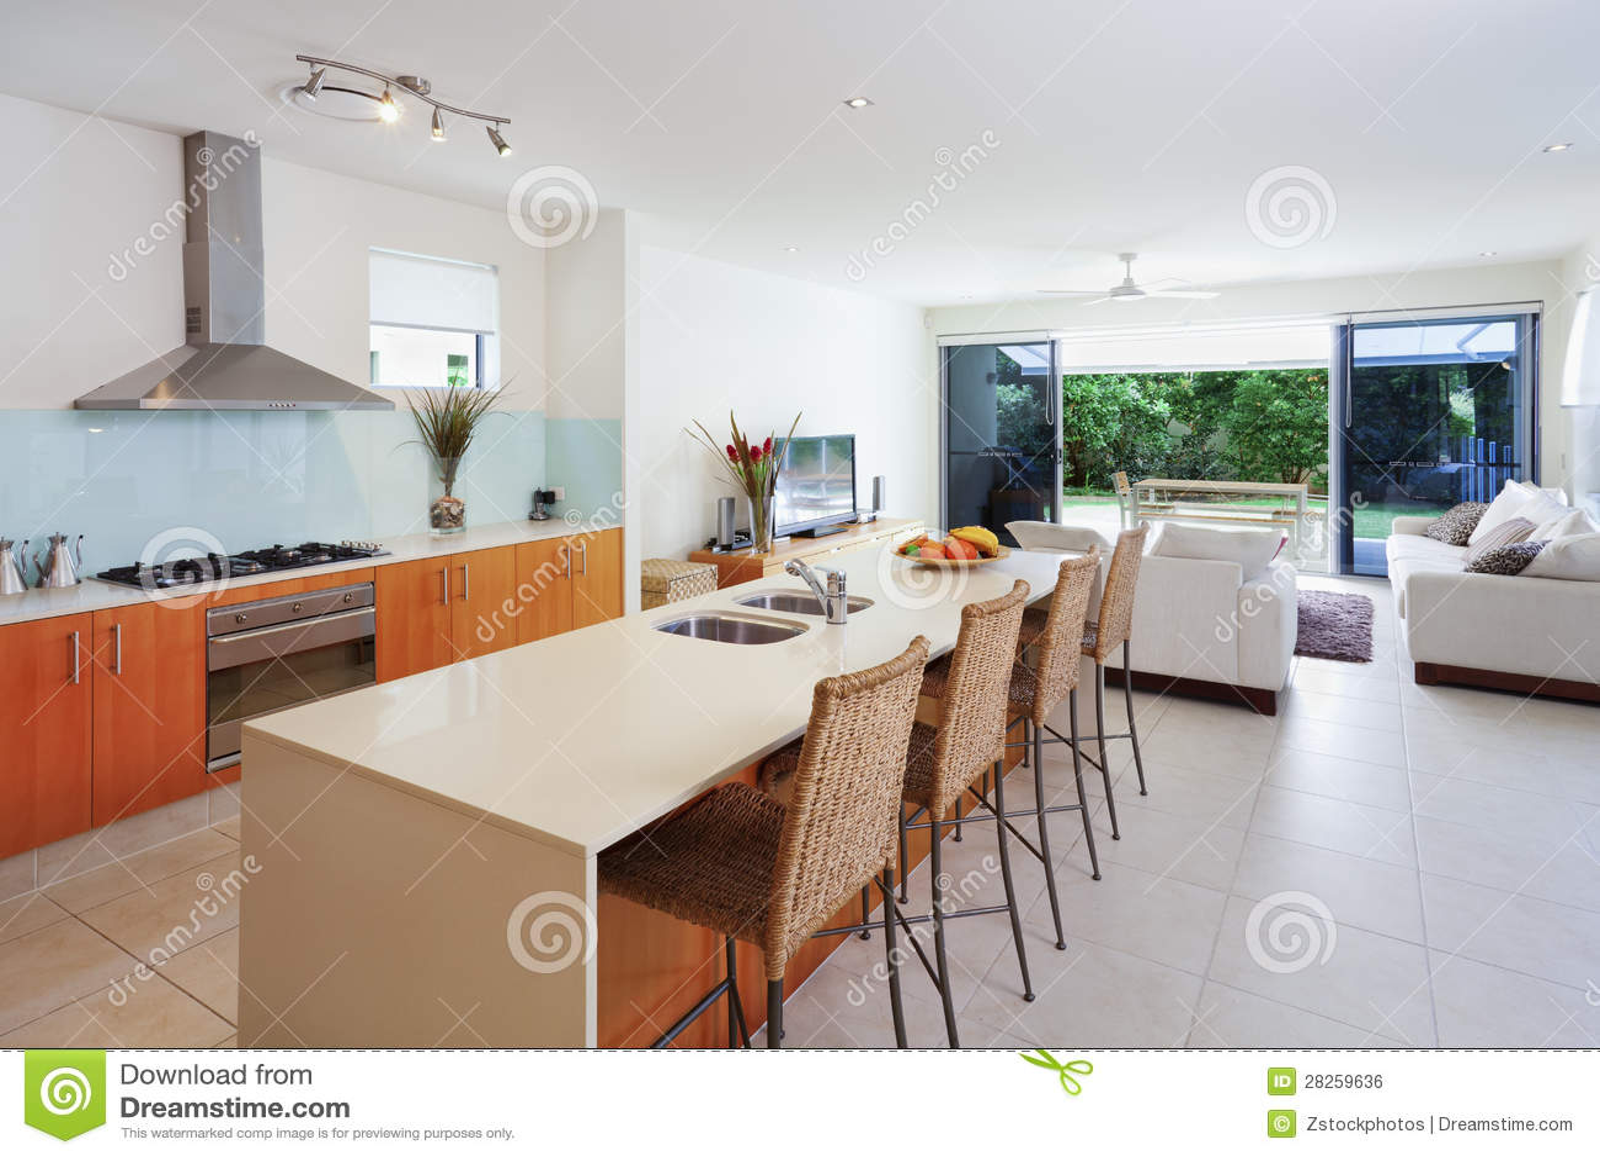 Cocina y sala de estar modernas foto de archivo imagen for Cocina de planta abierta sala de estar